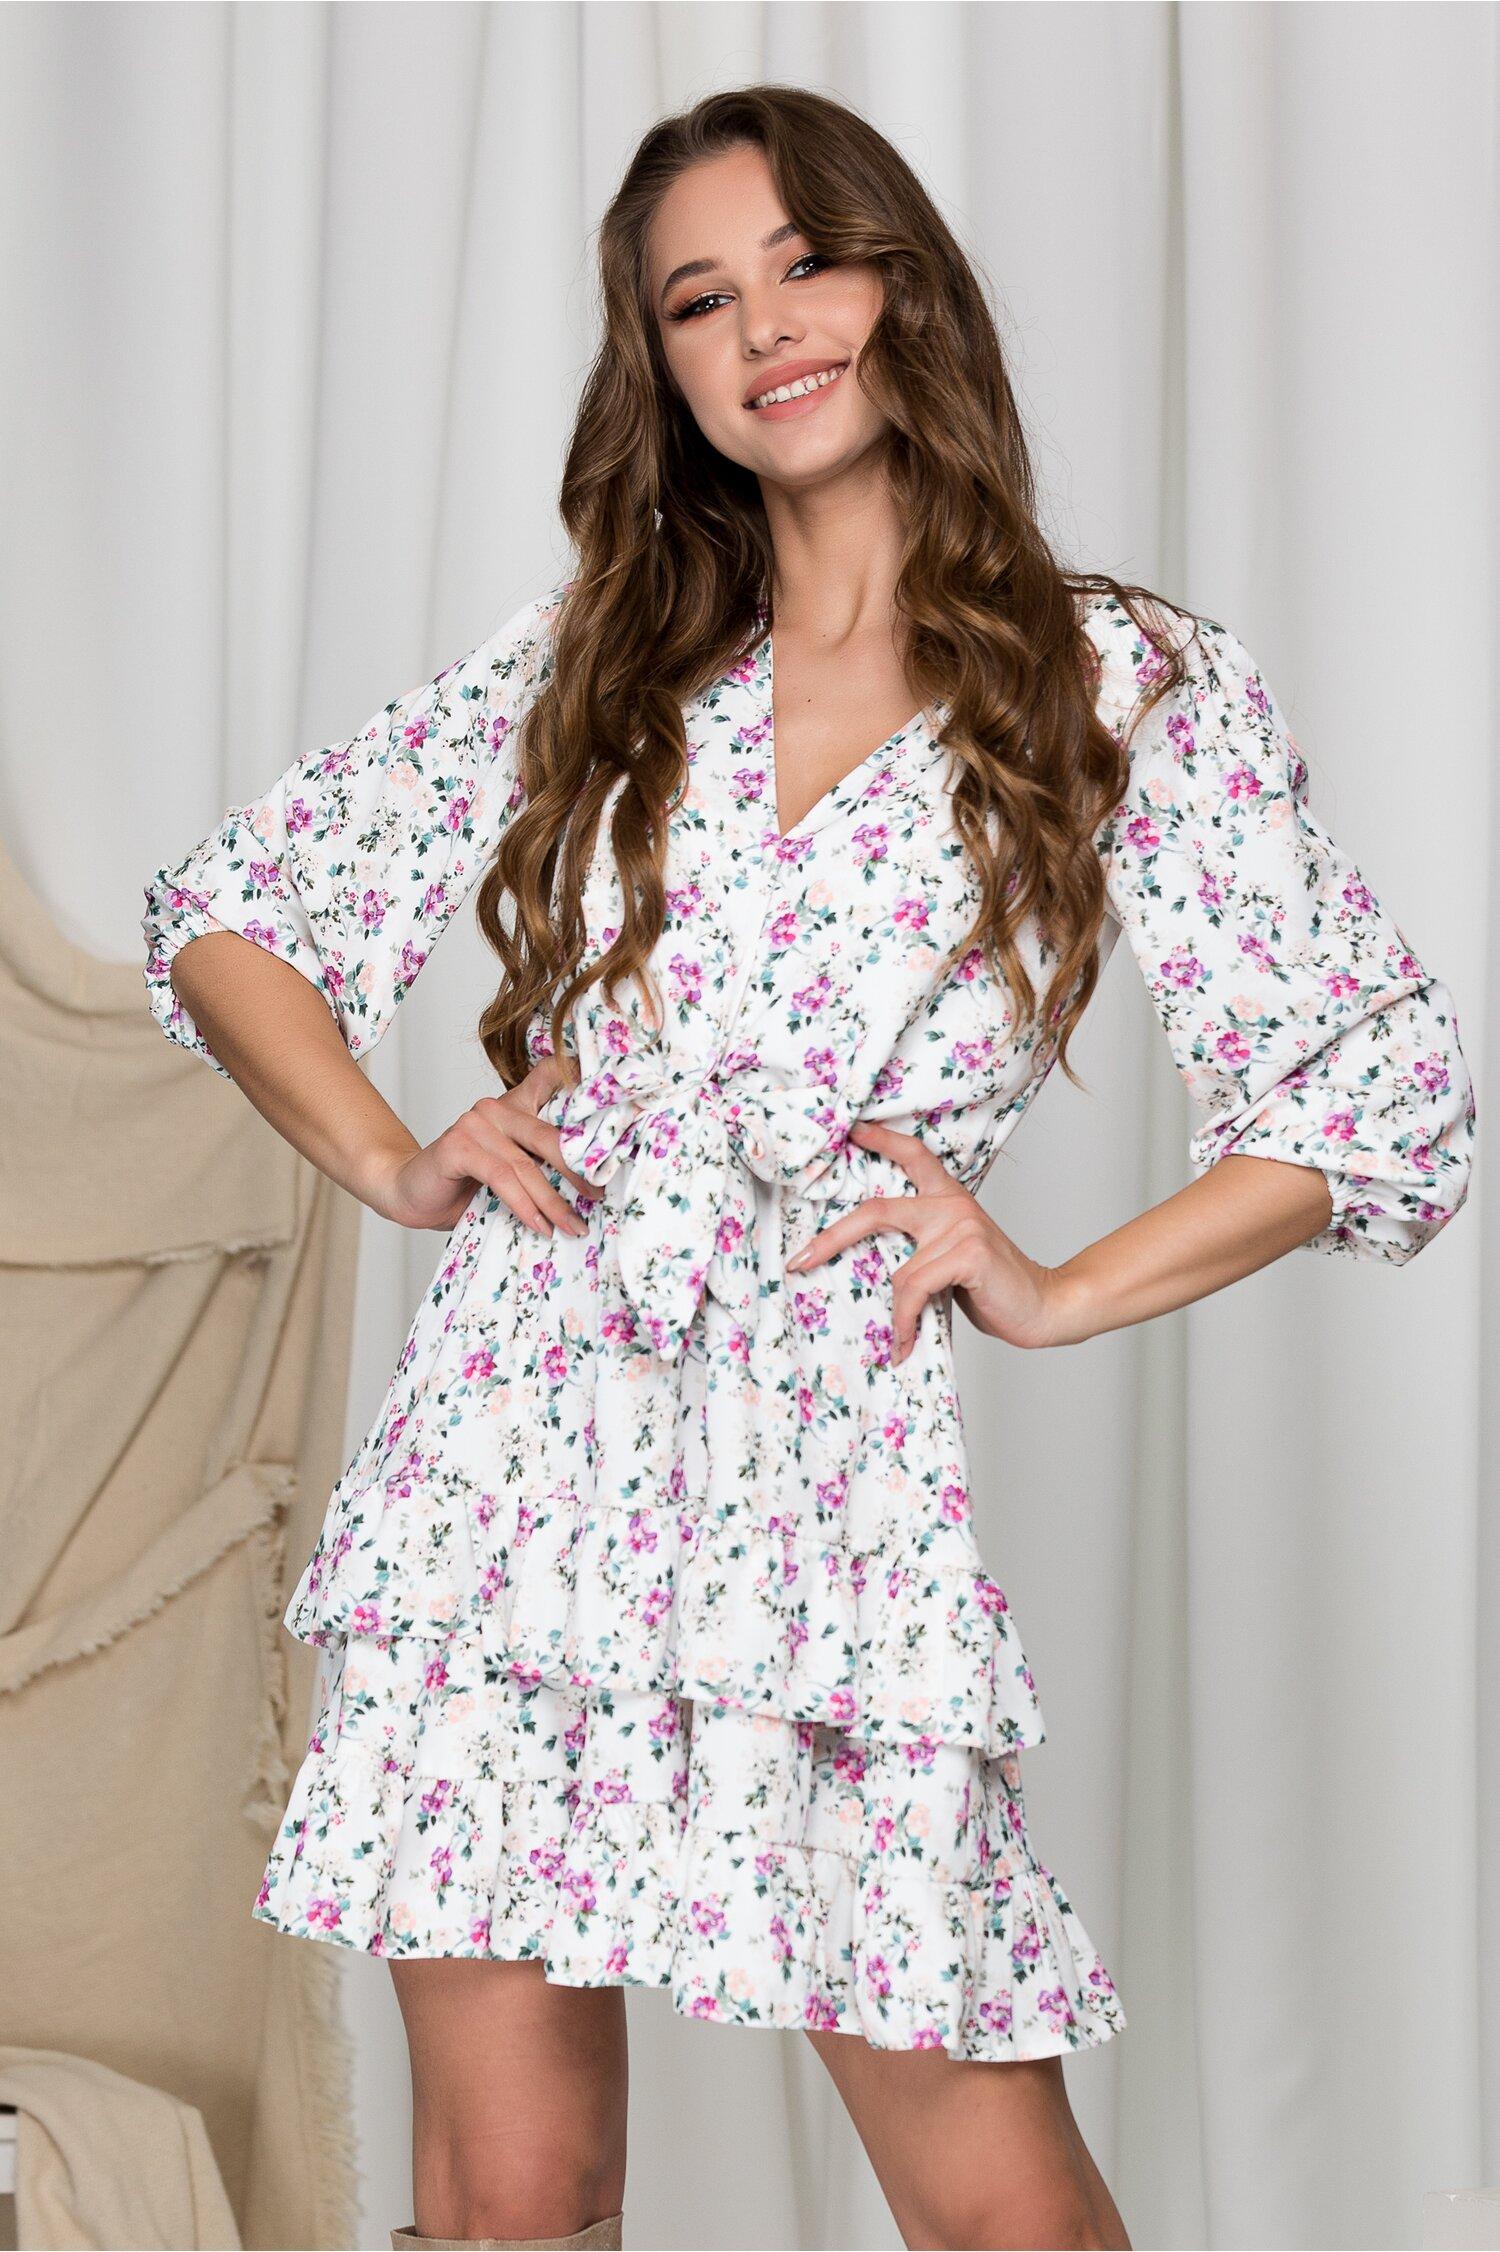 Rochie Lara alba cu imprimeuri florale lila si volane pe fusta imagine dyfashion.ro 2021